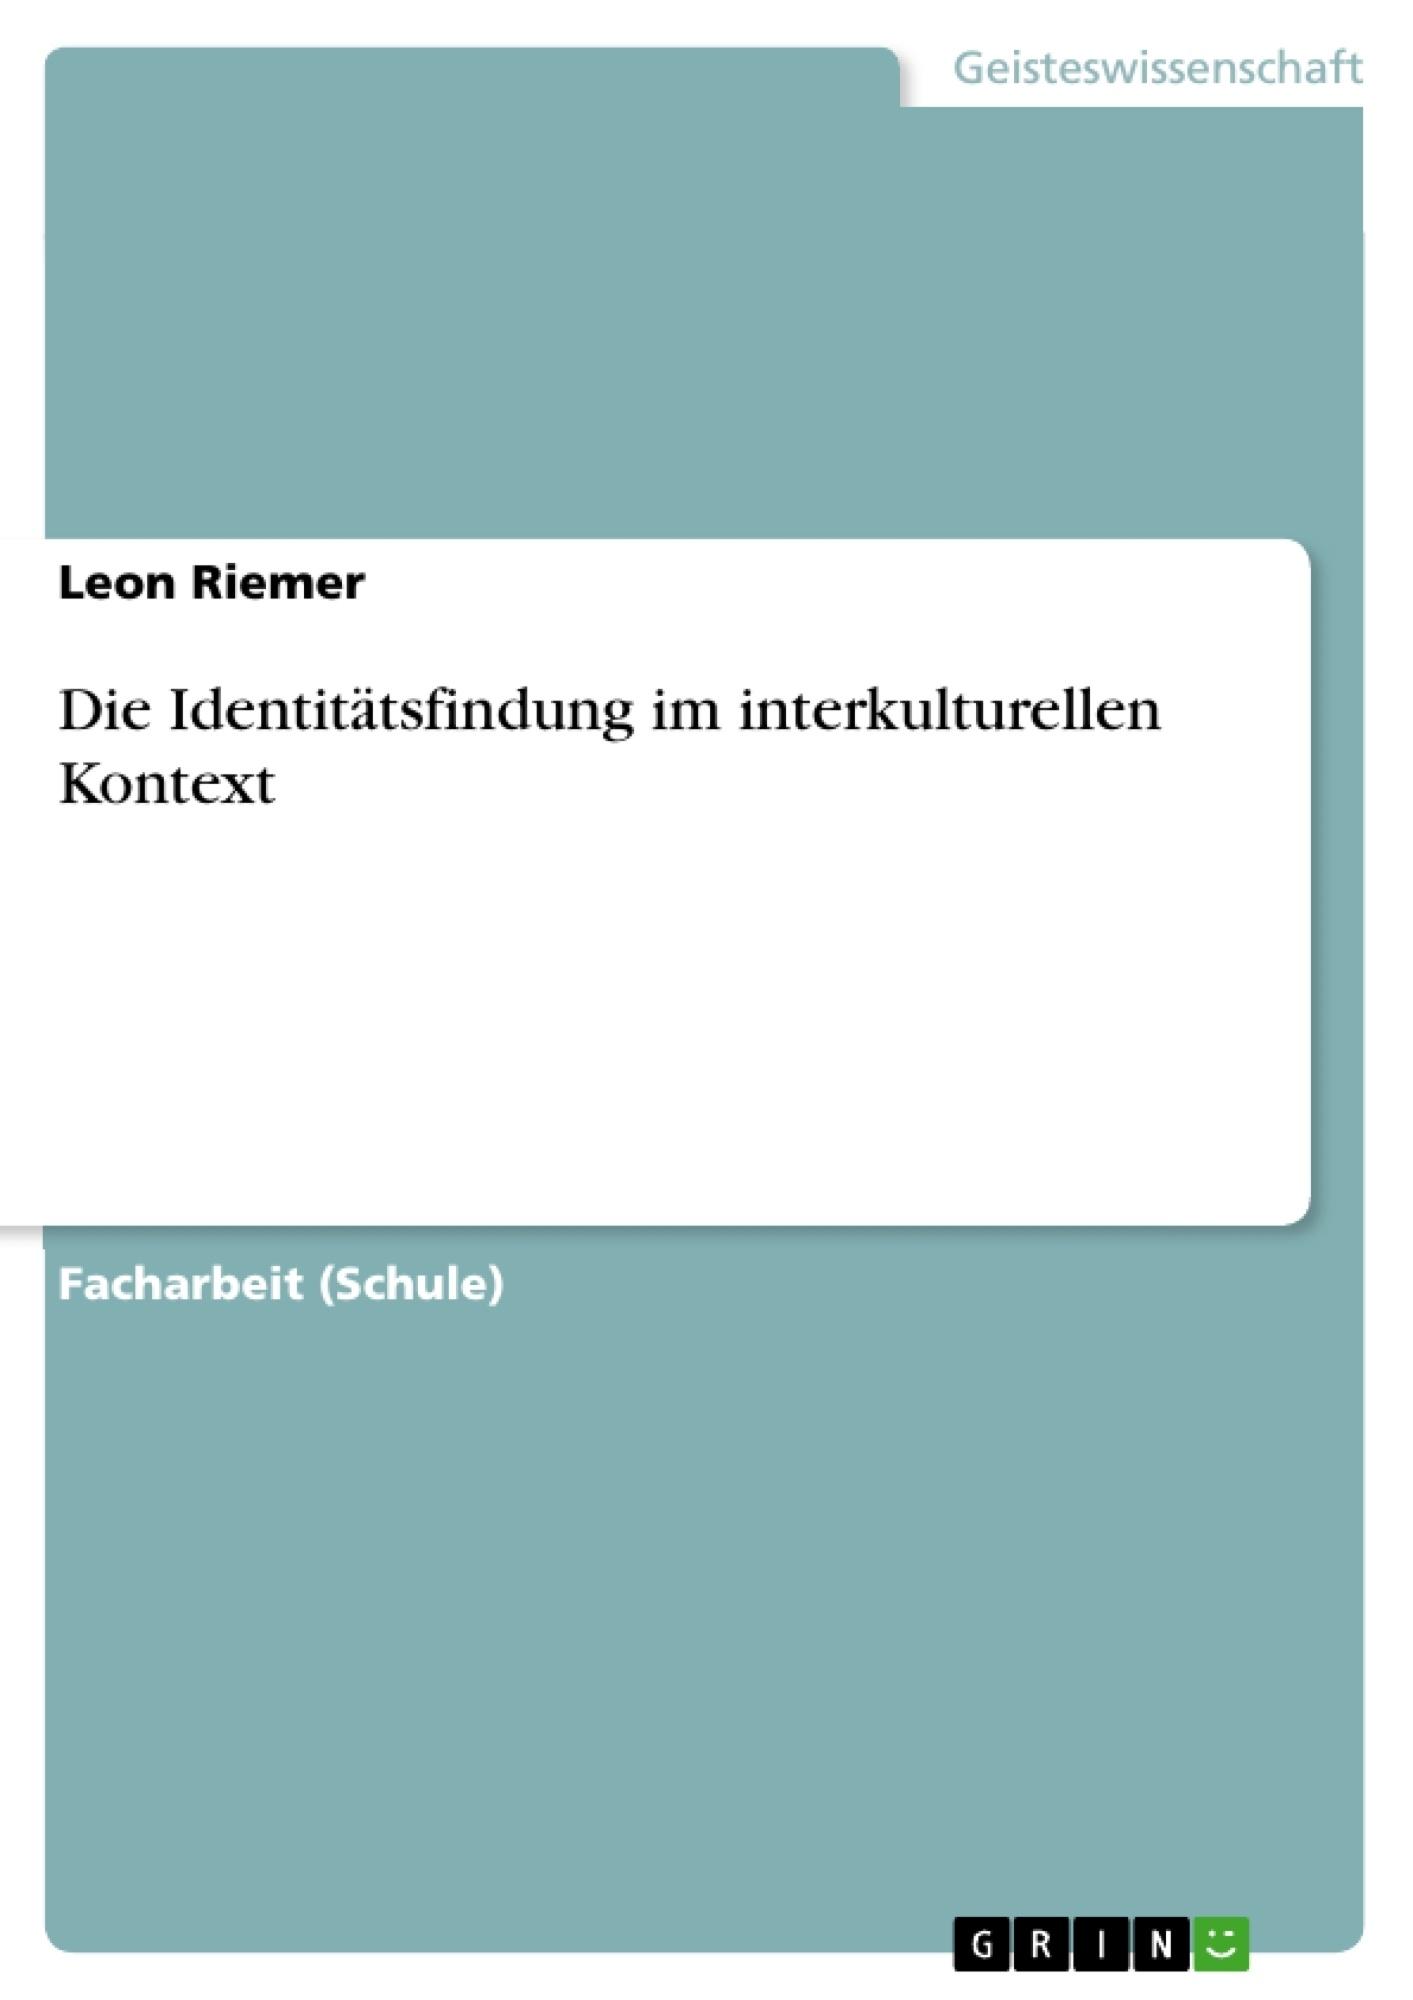 Titel: Die Identitätsfindung im interkulturellen Kontext